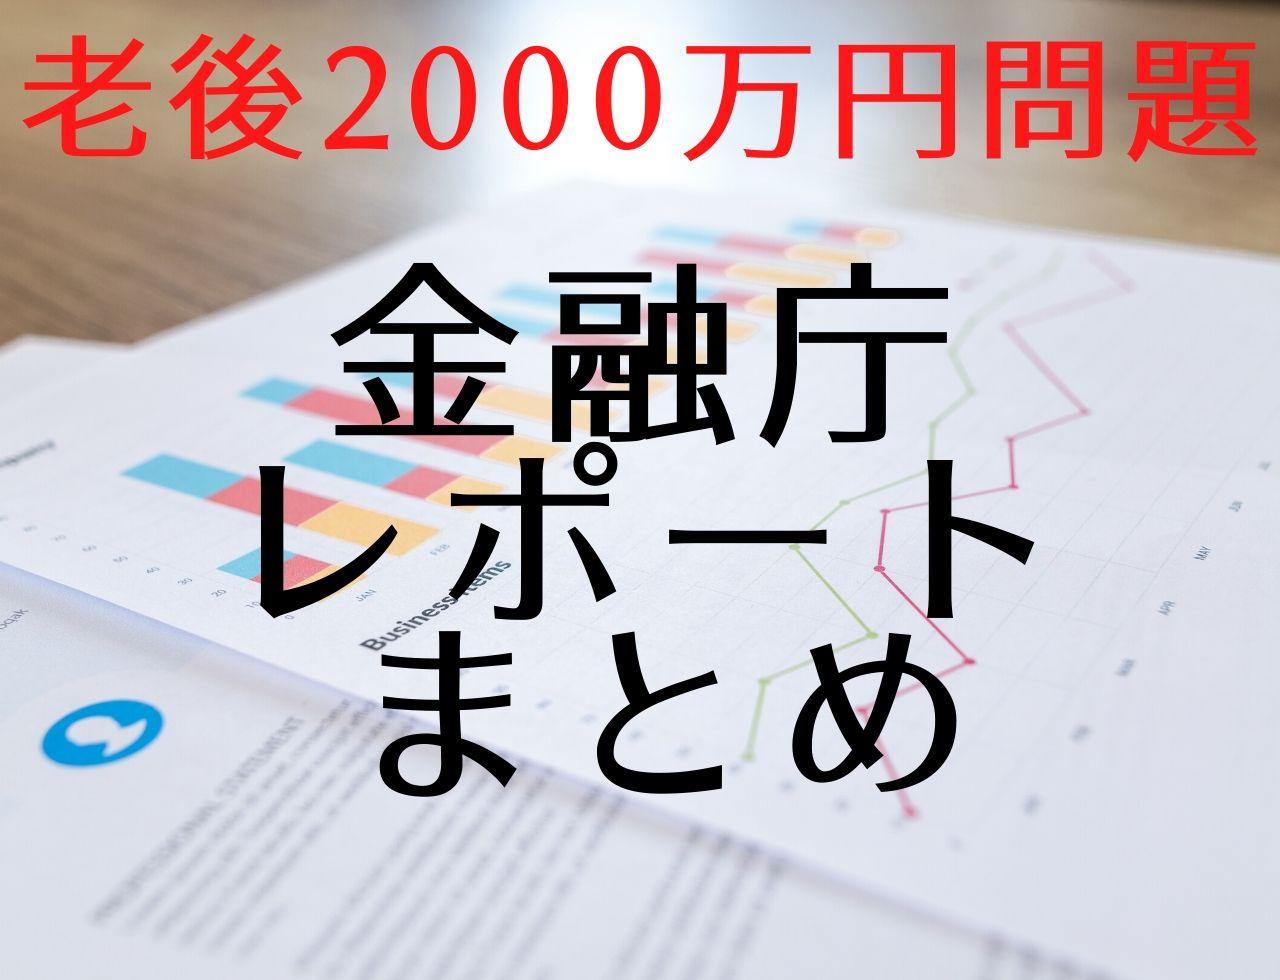 金融庁レポート「老後2000万円問題」